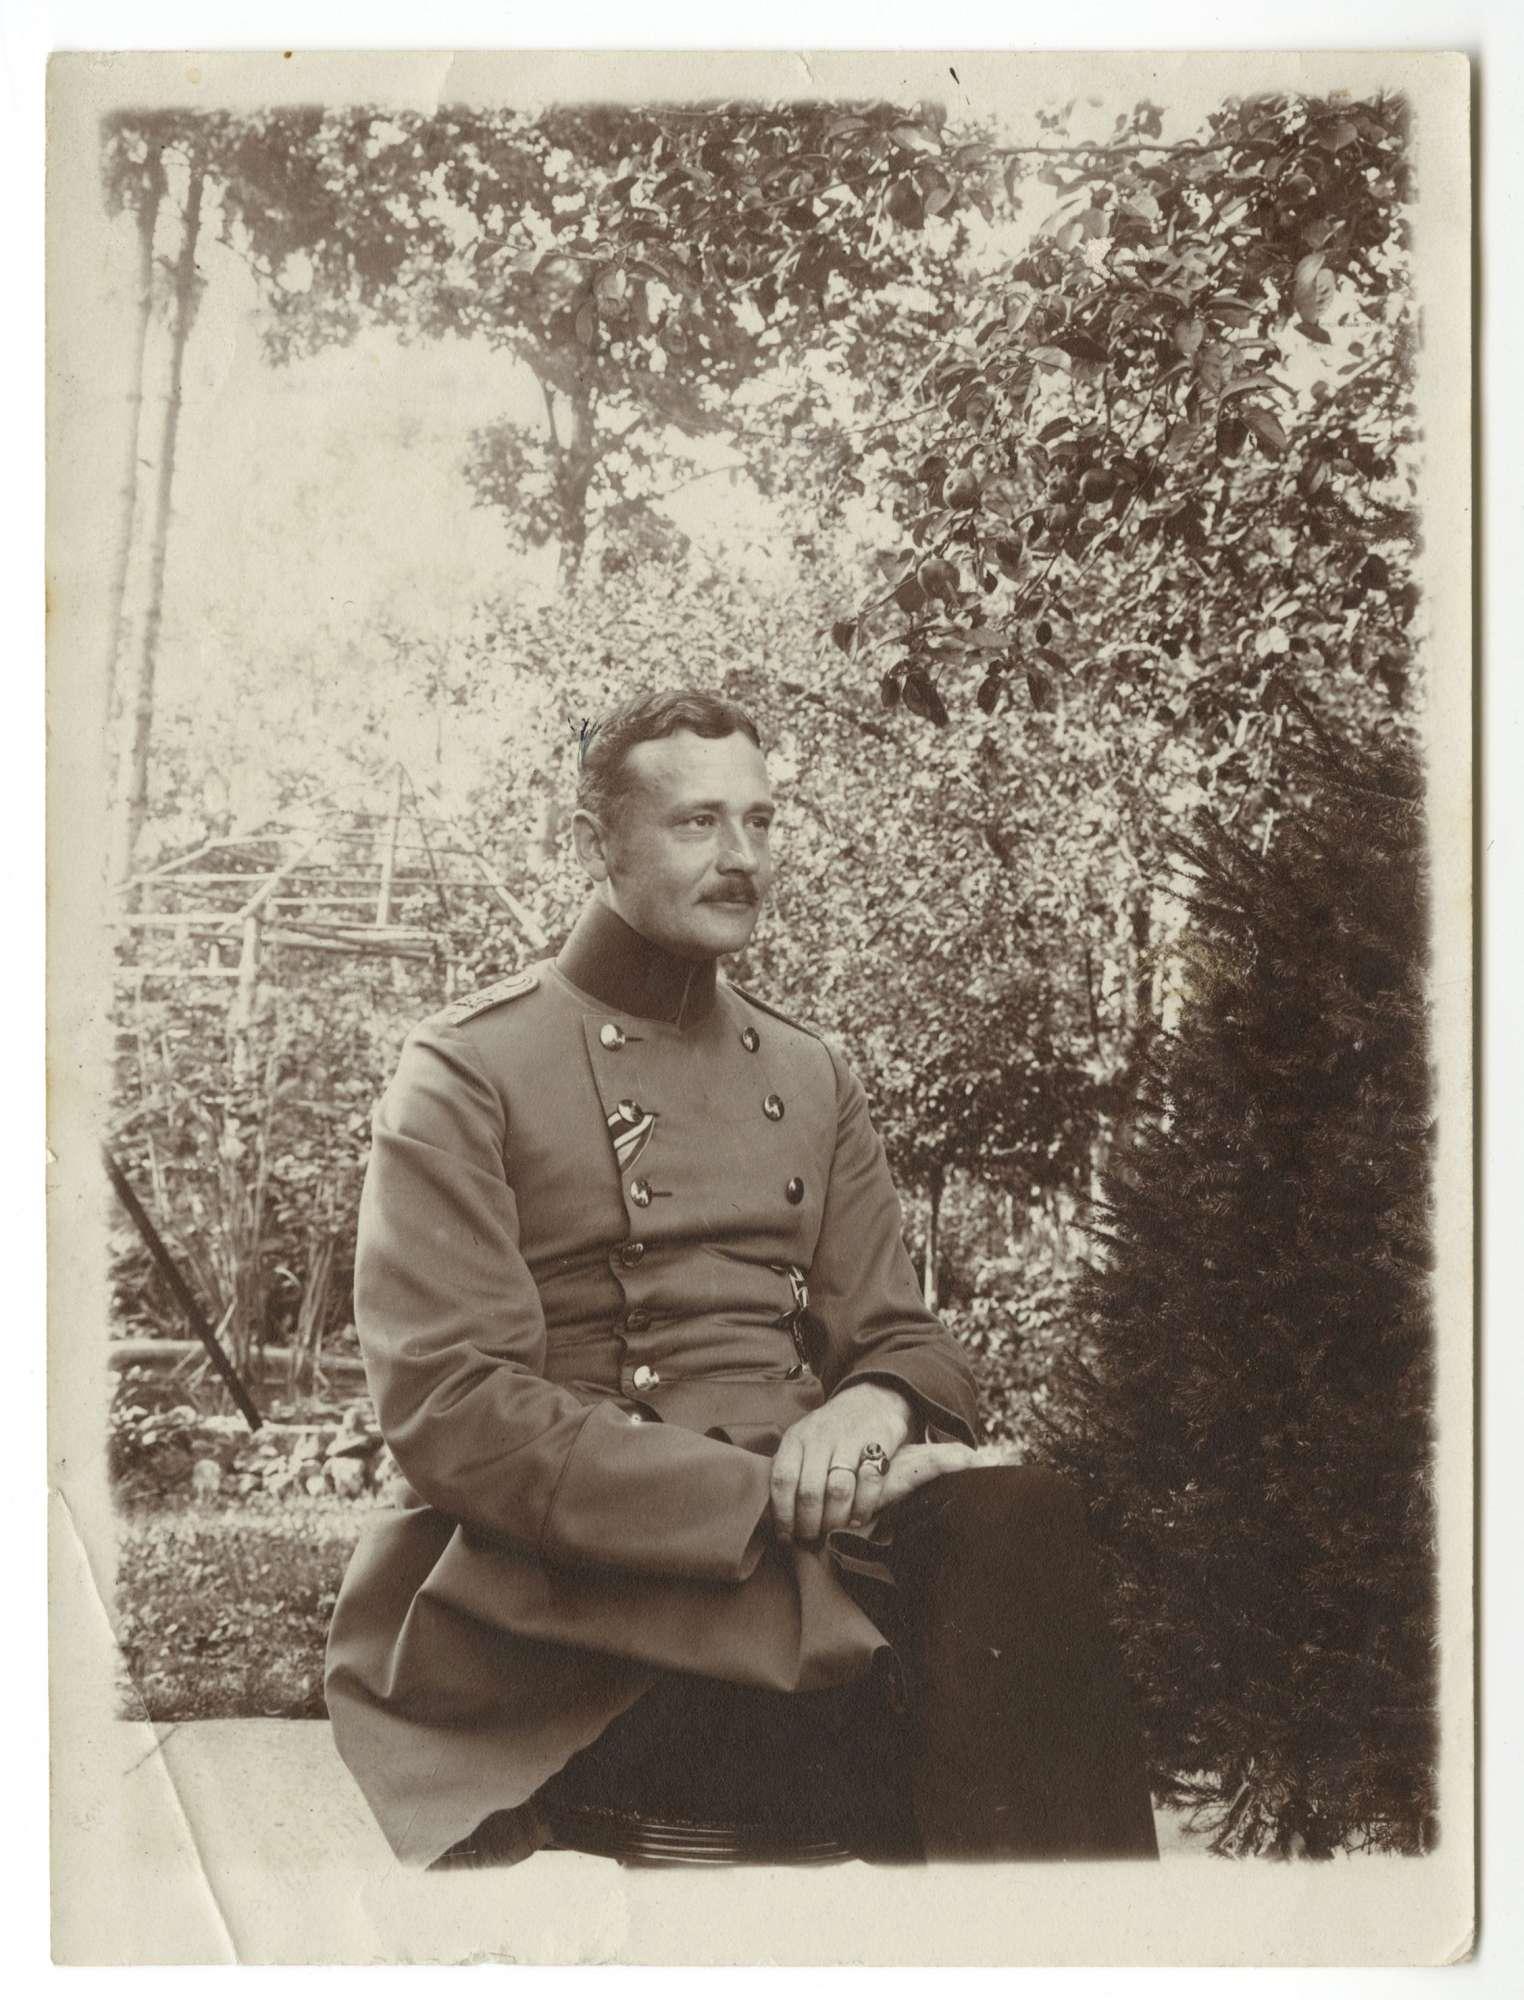 Schwarzkopf, Erwin, Bild 1